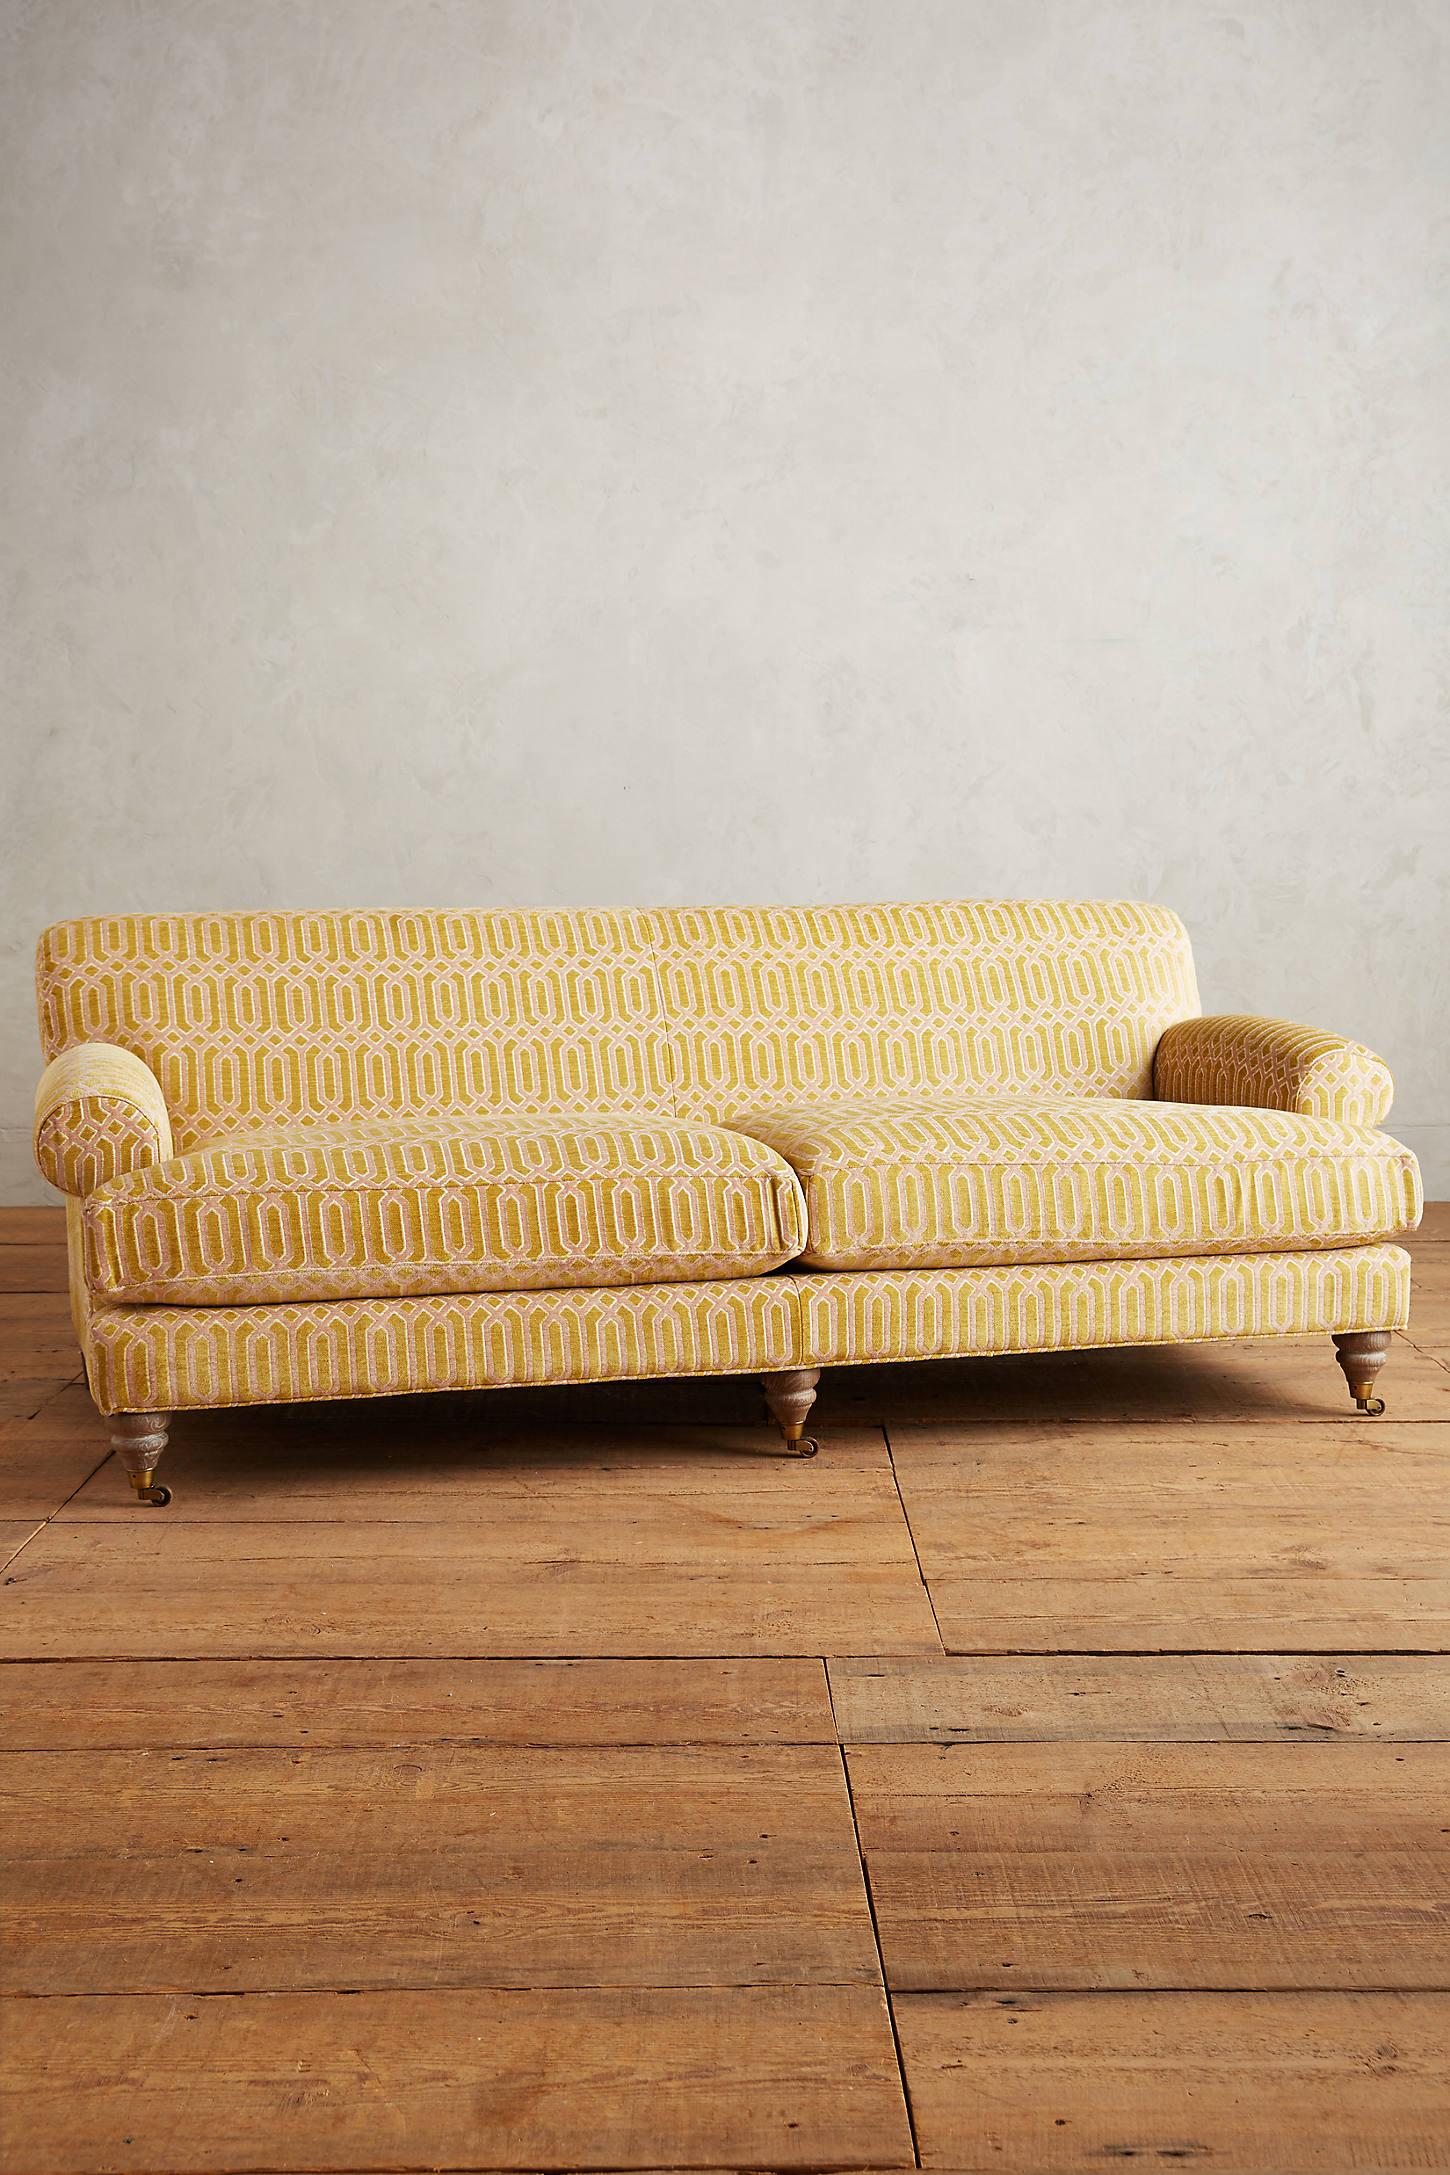 Trellis-Woven Willoughby Sofa